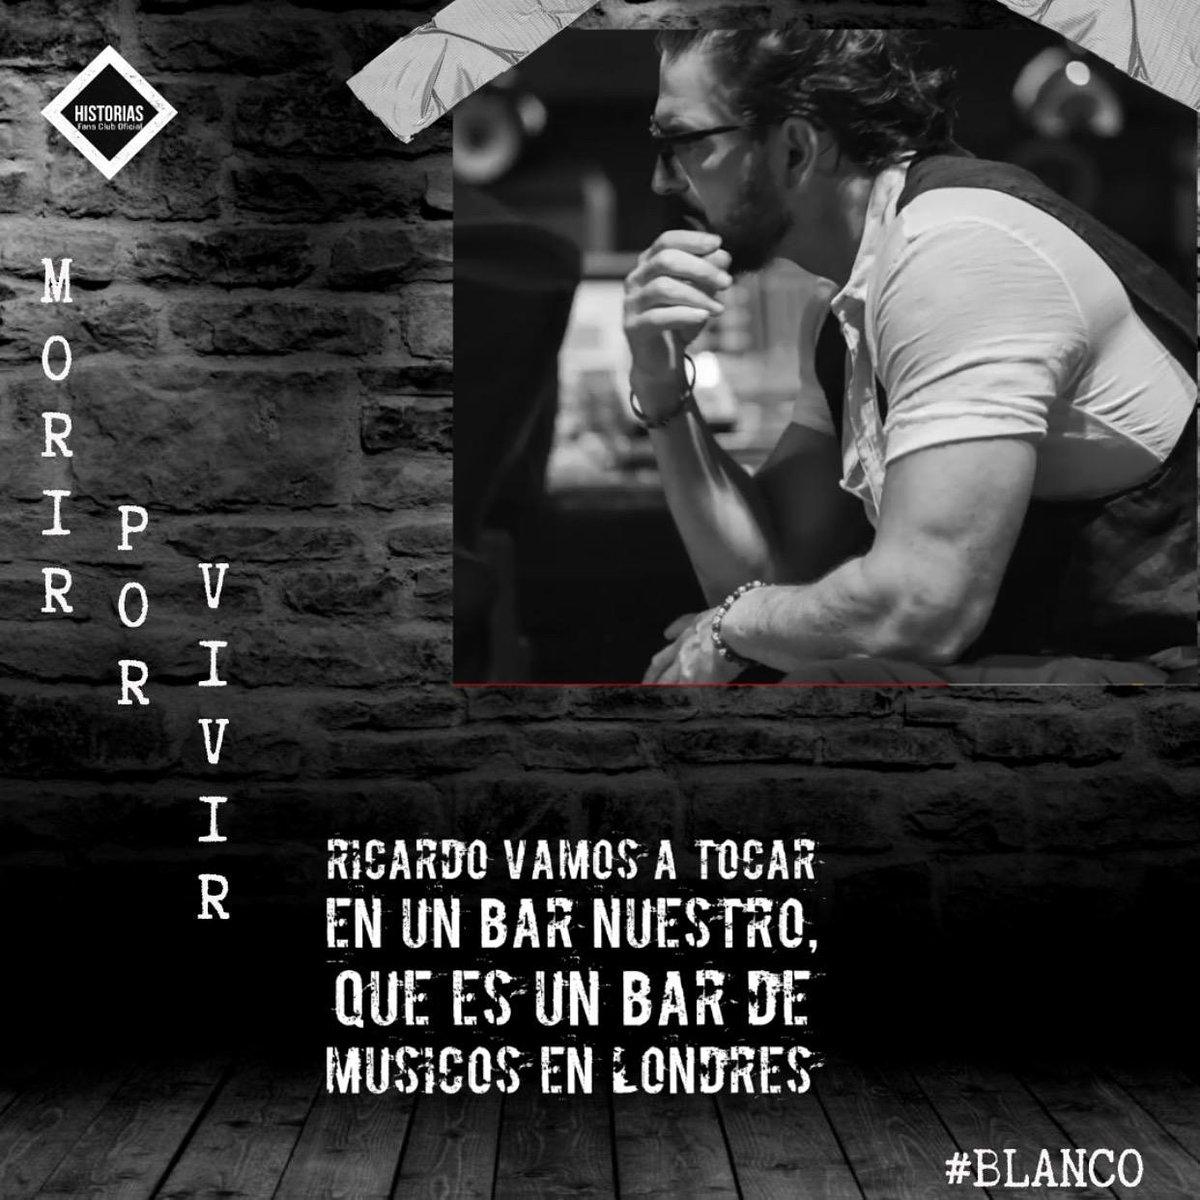 """#MorirPorVivir #SesionesDeAutor """"Ricardo vamos a tocar en un bar nuestro, que es un bar de músicos en Londres"""" #Blanco #RicardoArjona @infomundoarjona @metamorfosismedia @ricardoarjona @historiasarjonaoficial"""